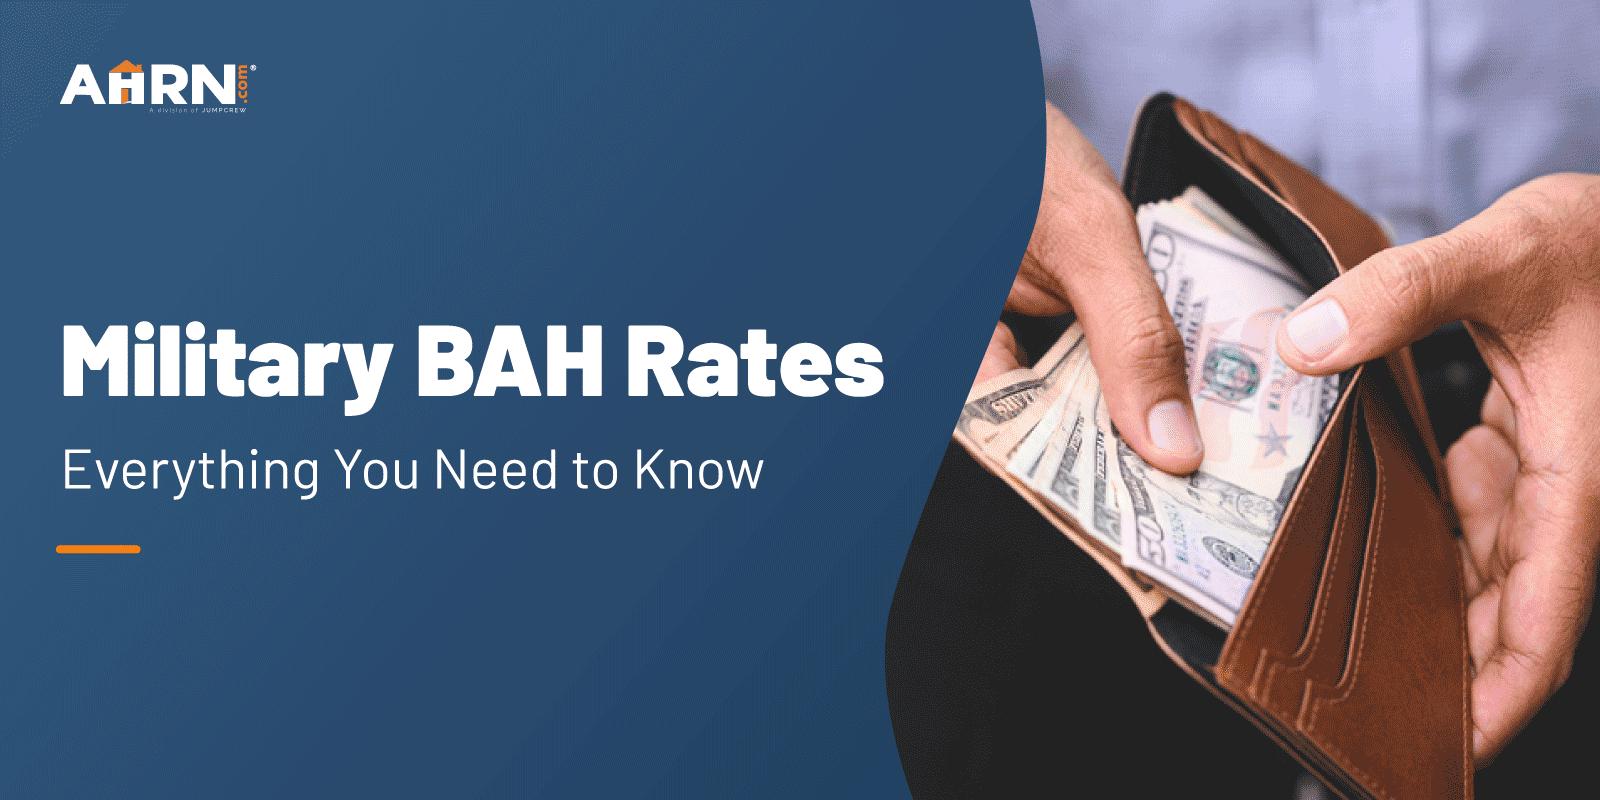 Military BAH Rates